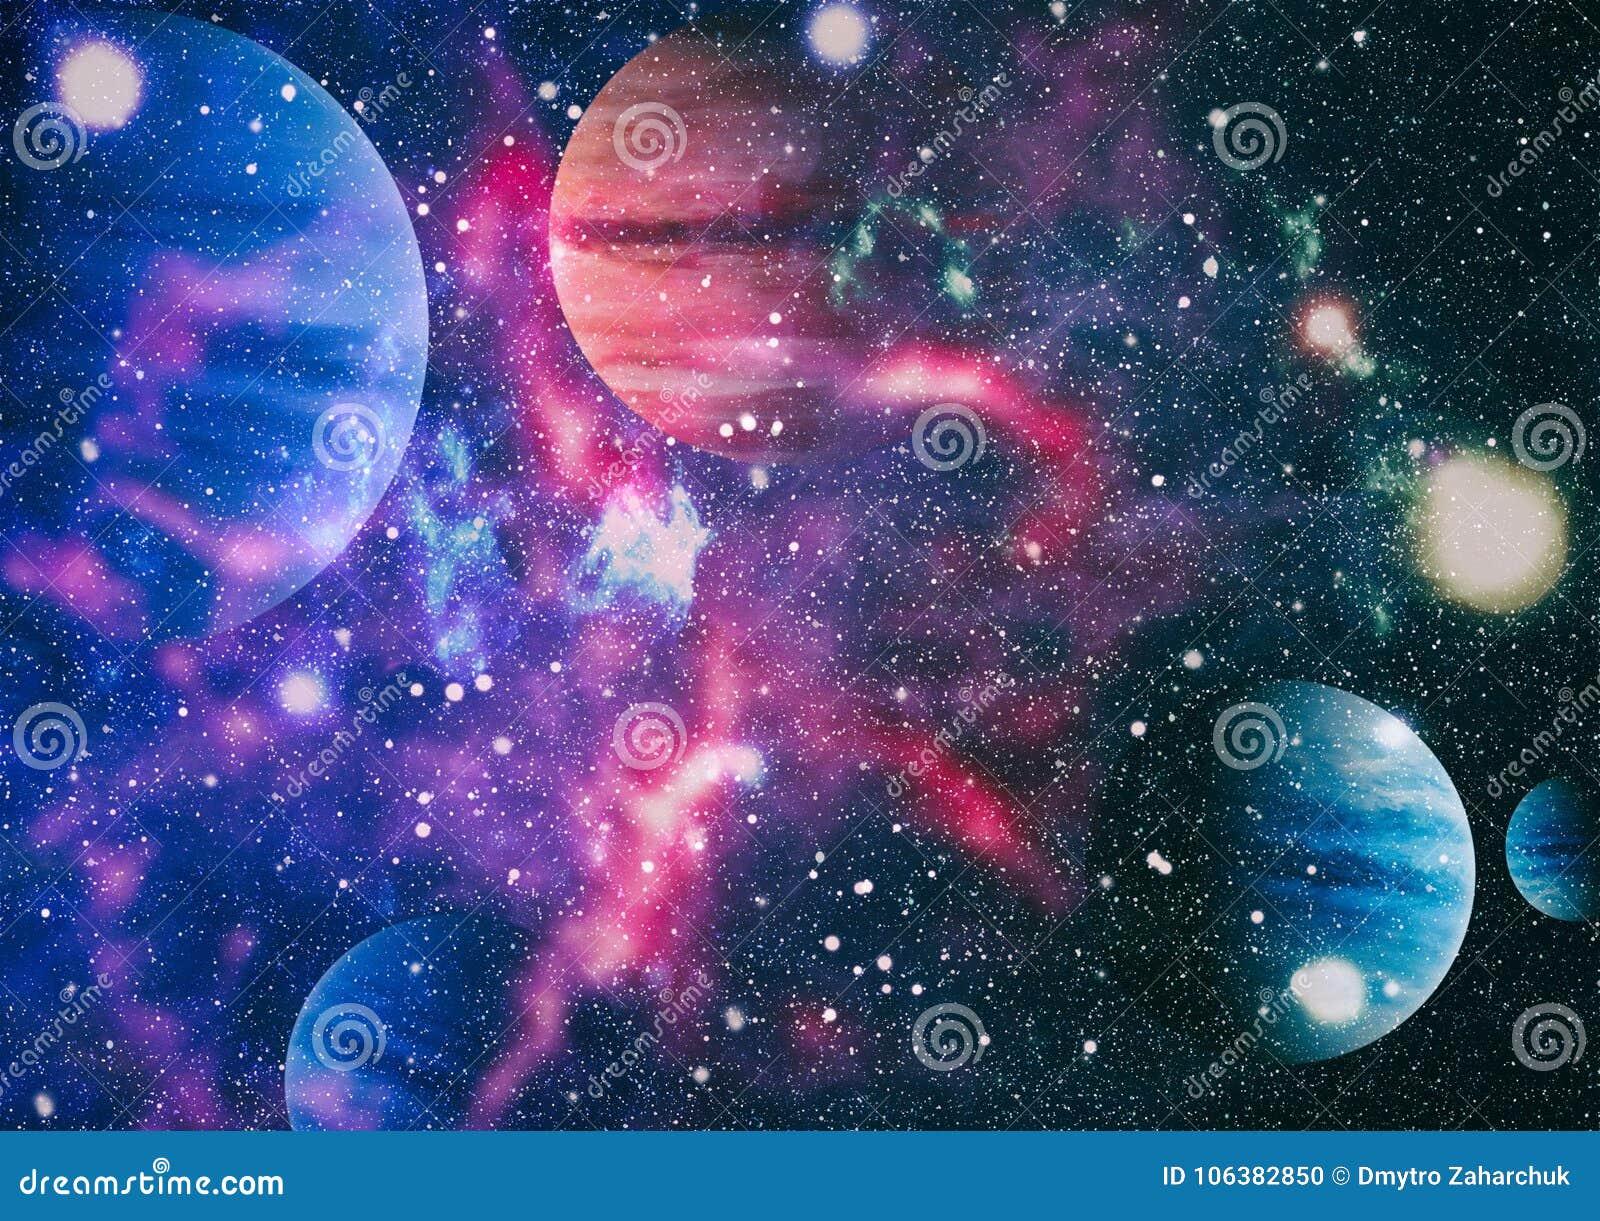 Mooie nevel, sterren en melkwegen Elementen van dit die beeld door NASA wordt geleverd